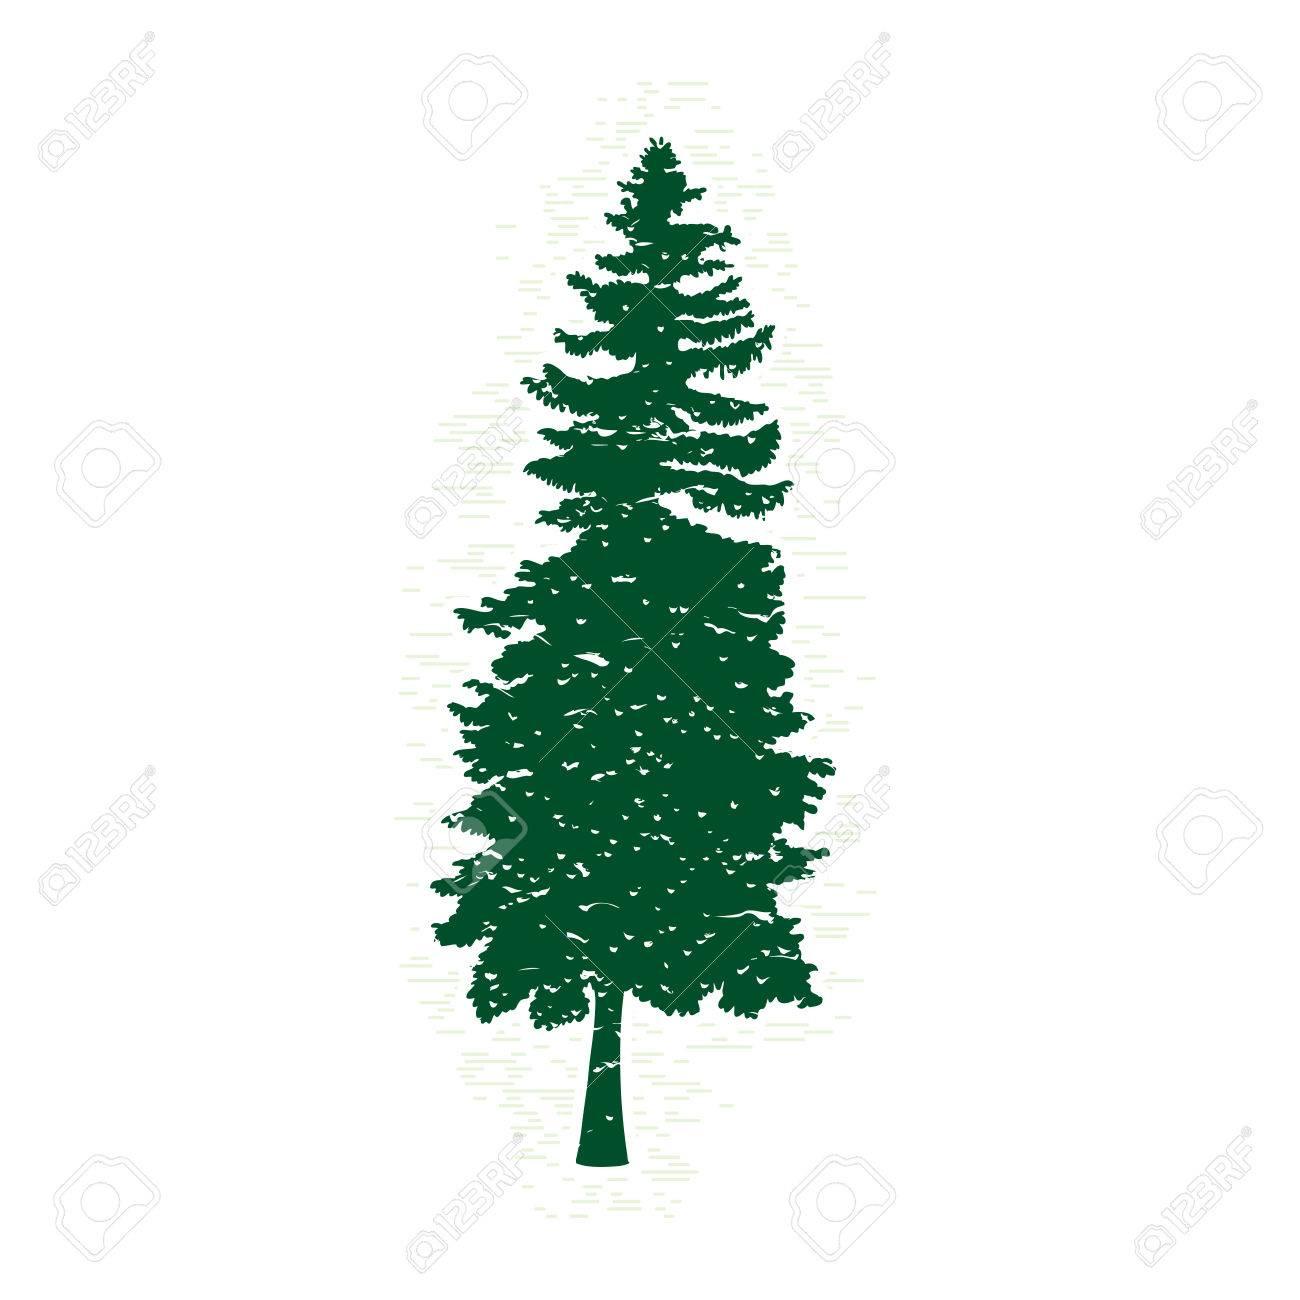 Siluetas De árbol De Pino Verde, Ilustración Vectorial. Plantilla De ...